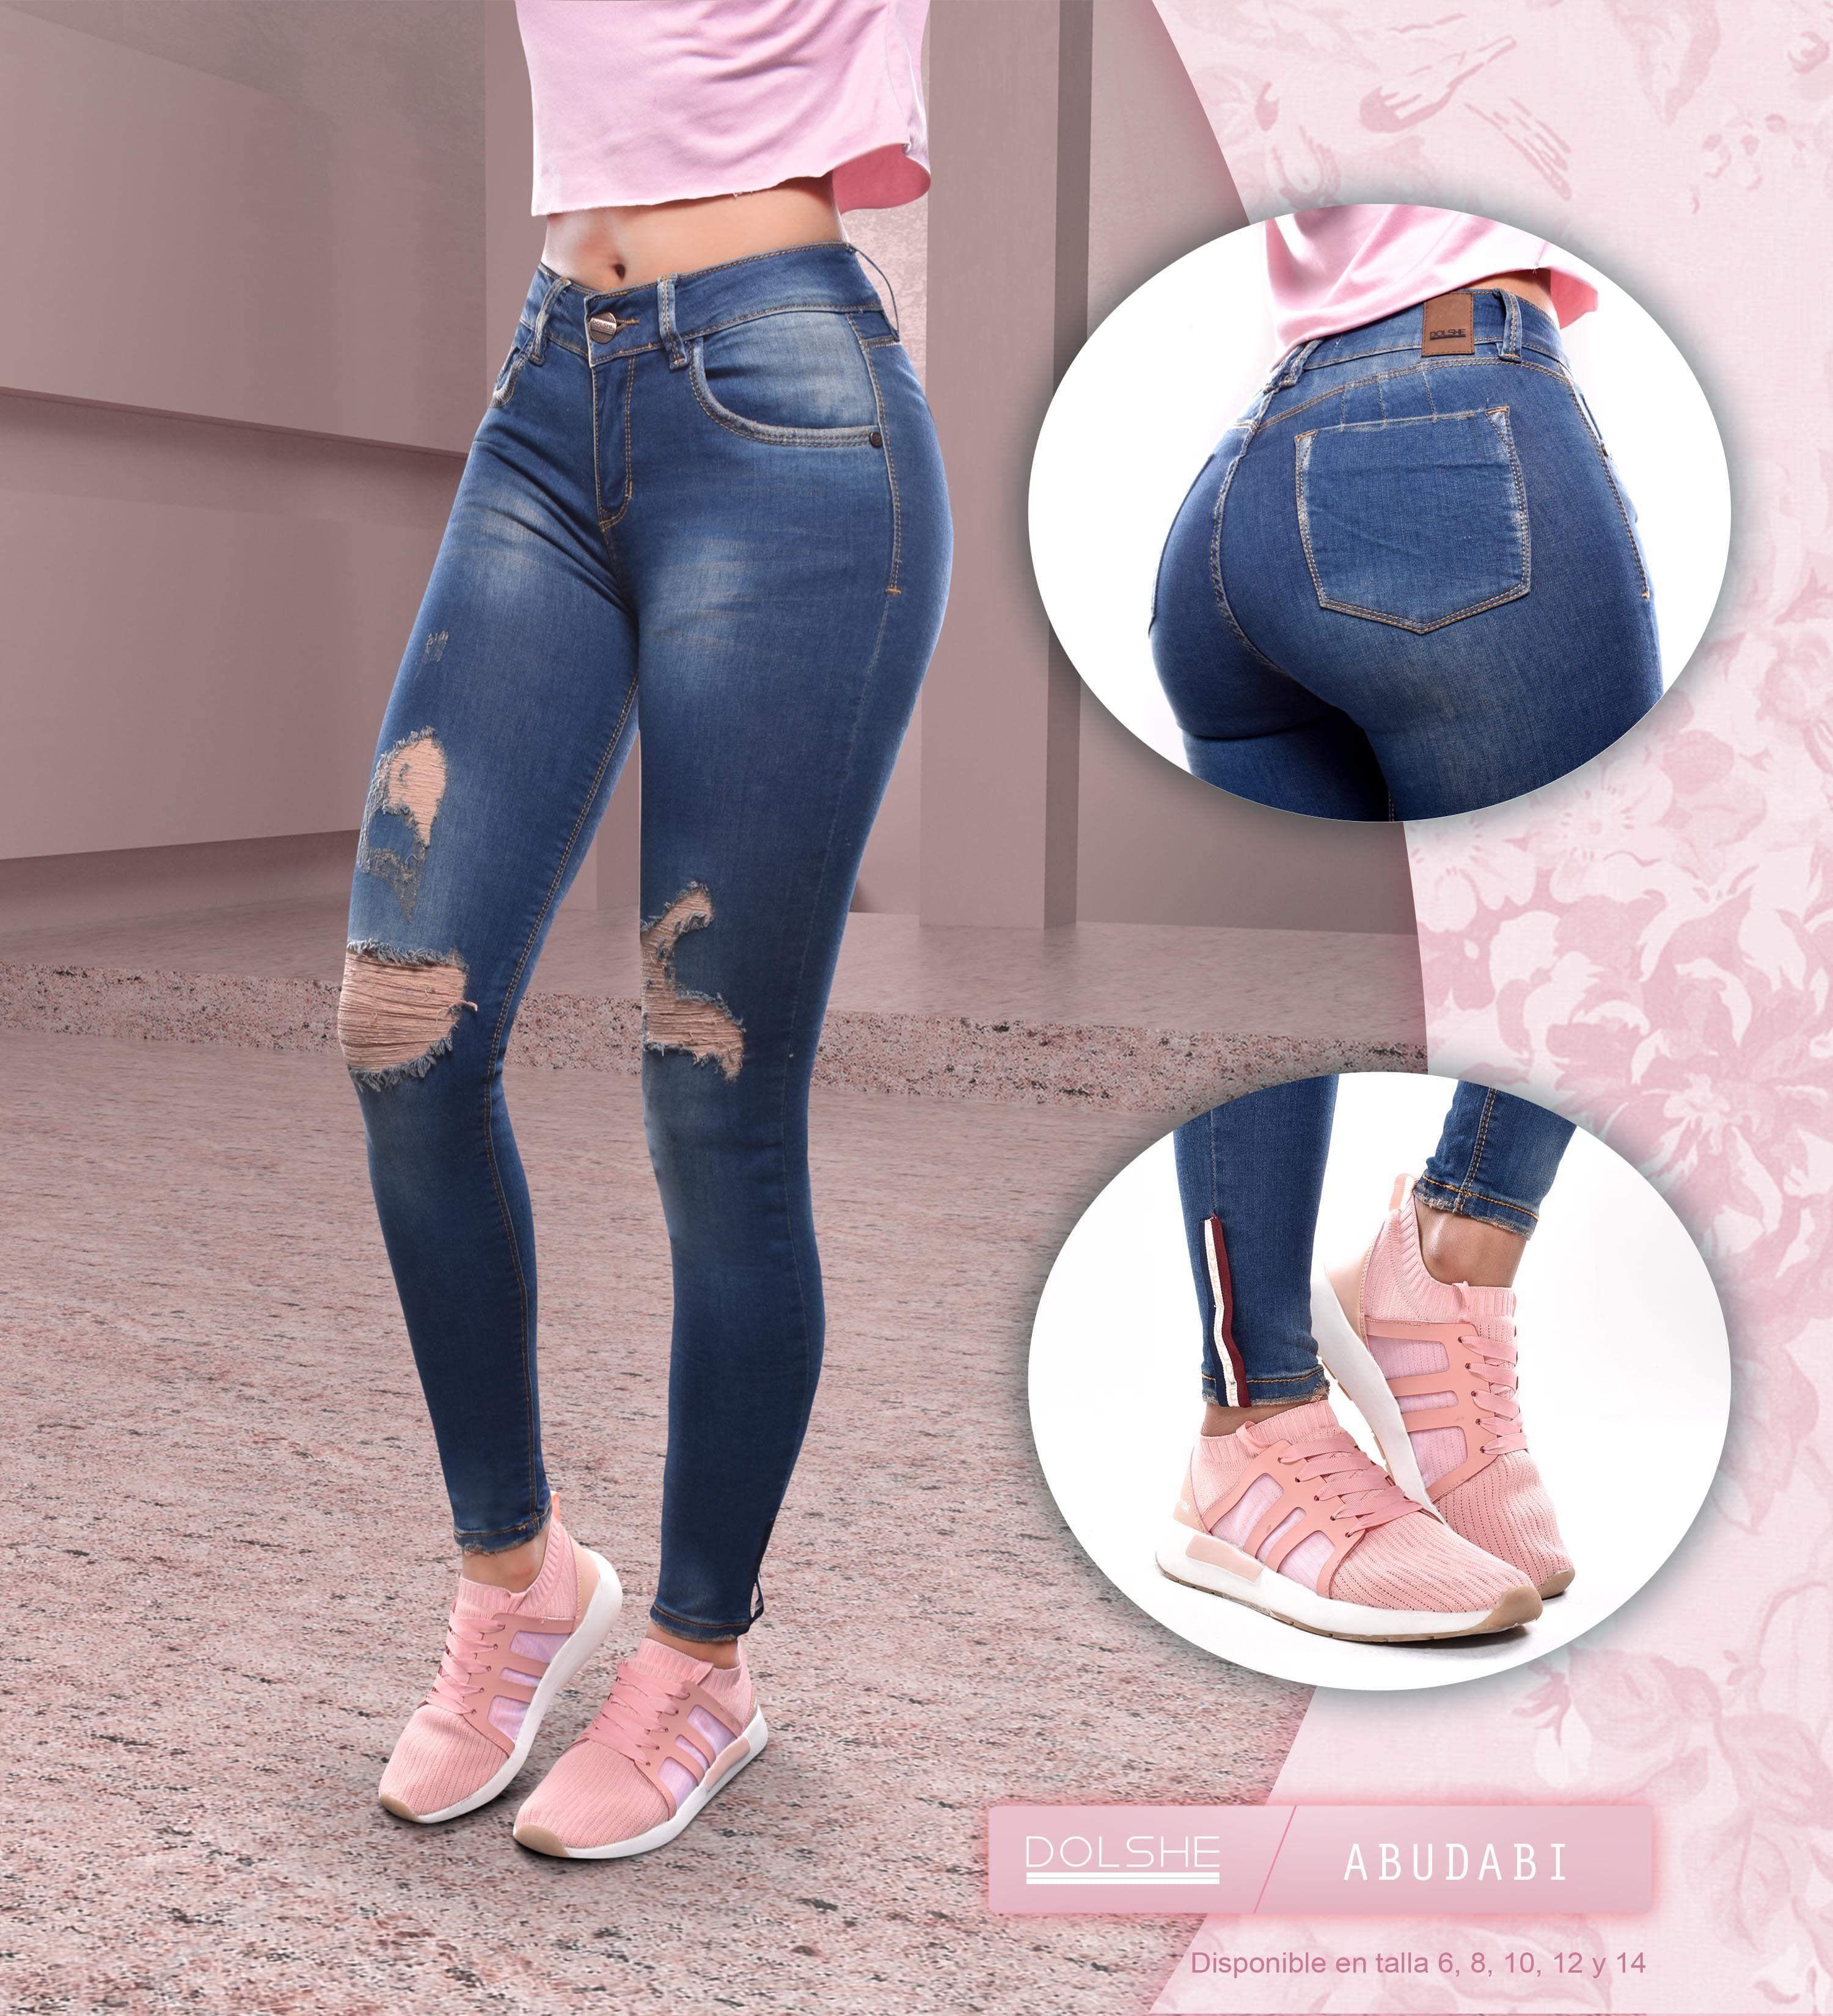 Estilos Que Traspasan Fronteras Un Nuevo Diseno Llega A Nuestra Coleccion Dolshe D Jeans De Moda Pantalones De Moda Pantalones De Mezclilla Mujer